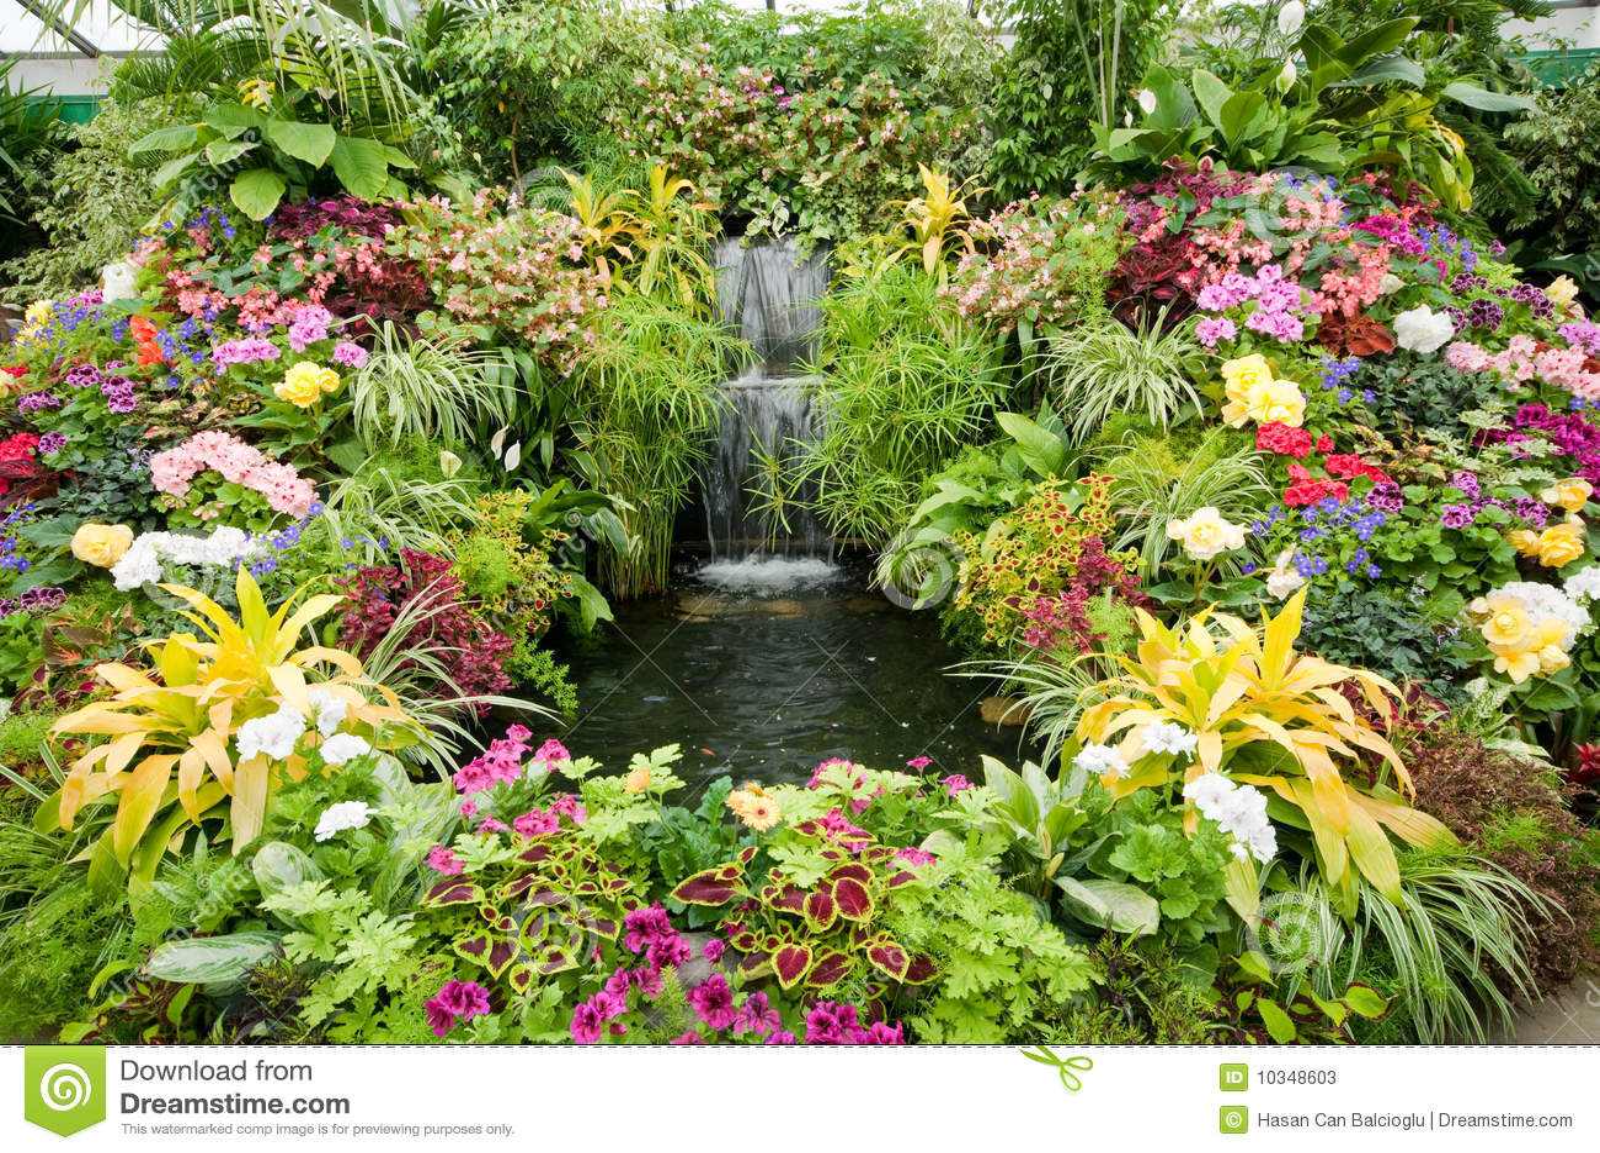 Visualizzazione del fiore ai giardini di butchart immagine for Giardino fiori